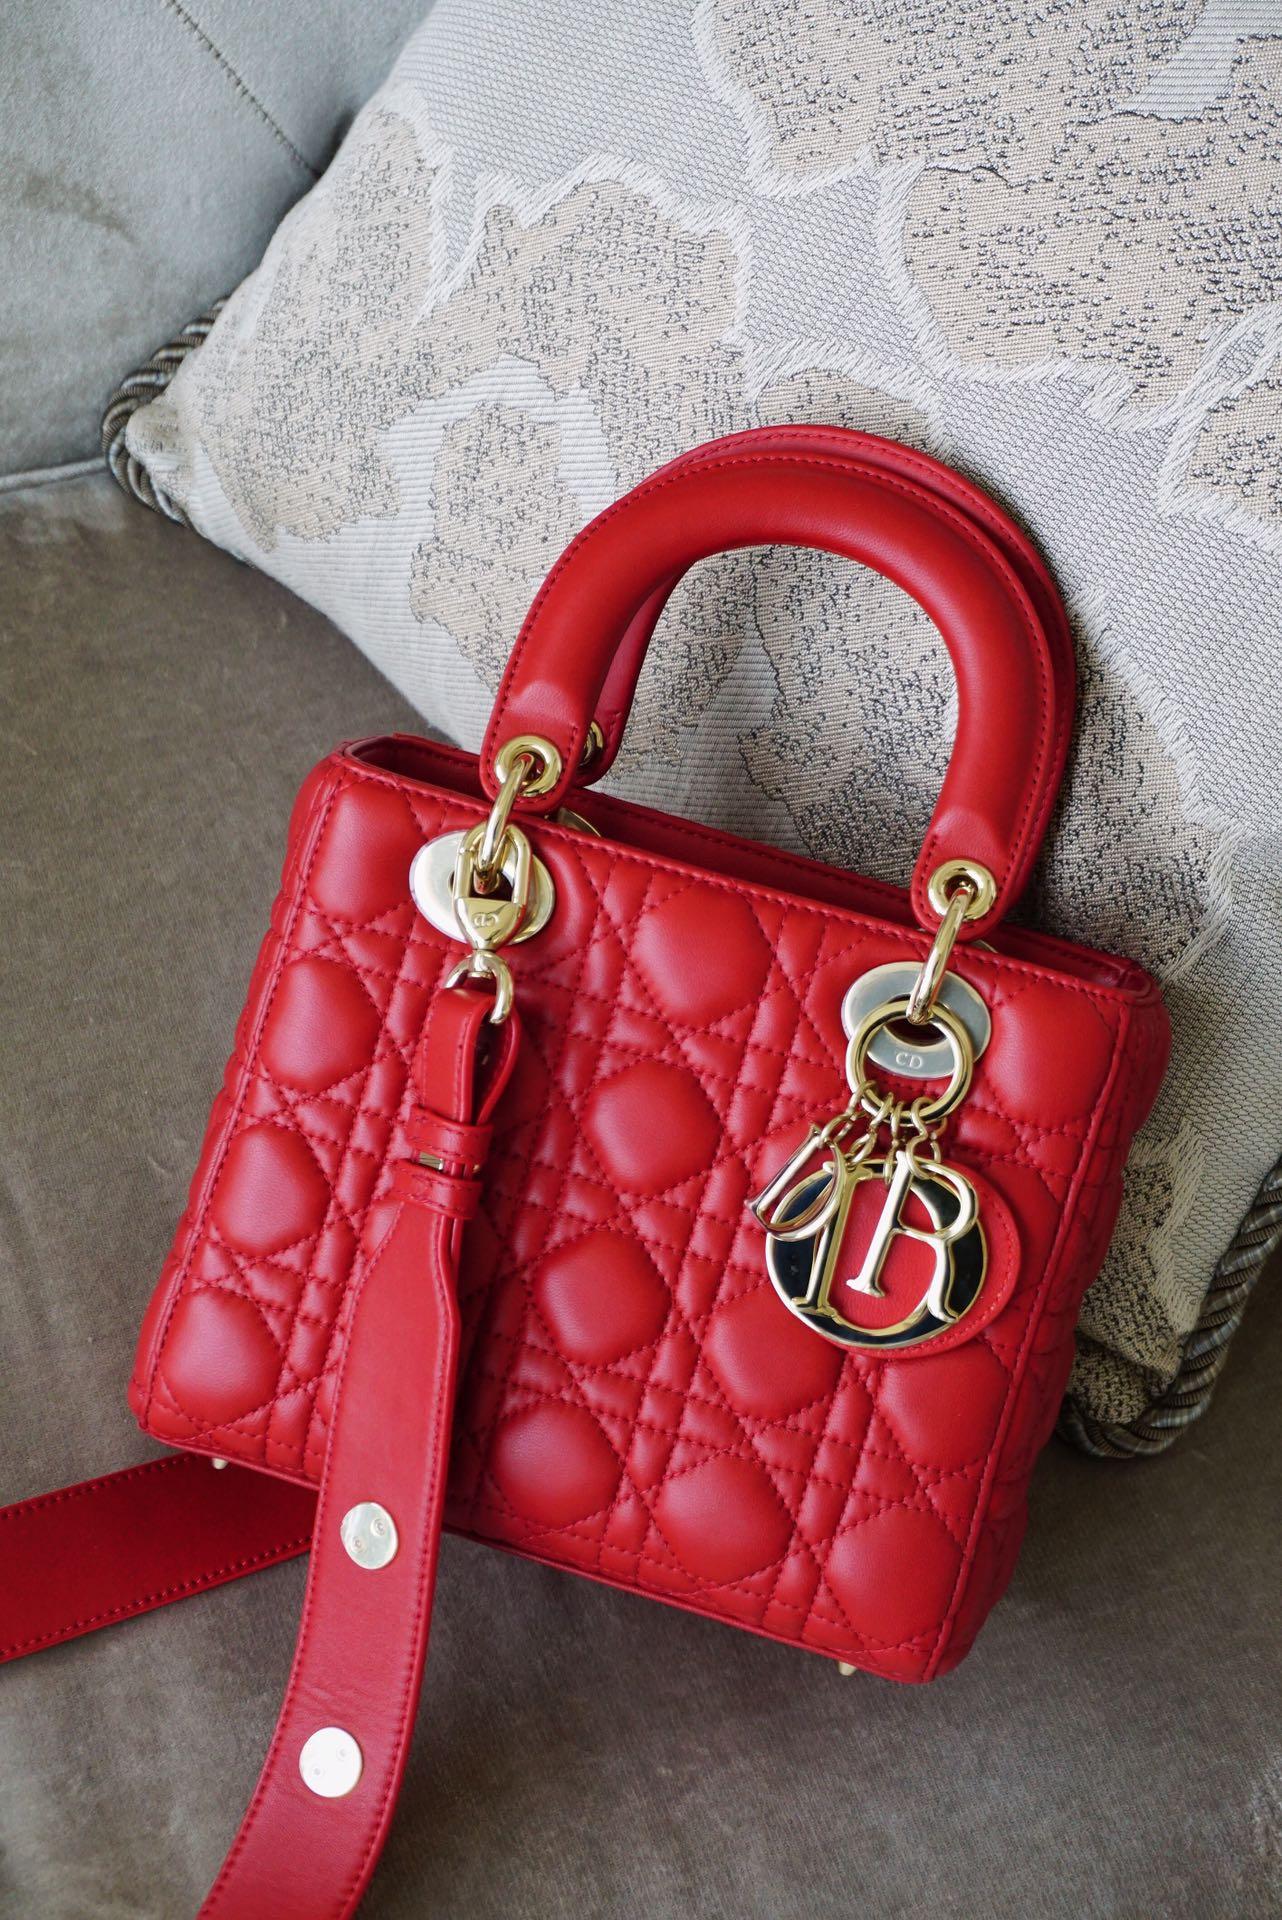 Dior 迪奥 戴妃包 Lady Dior 四格 20cm 大红色 正式非正式场合都可